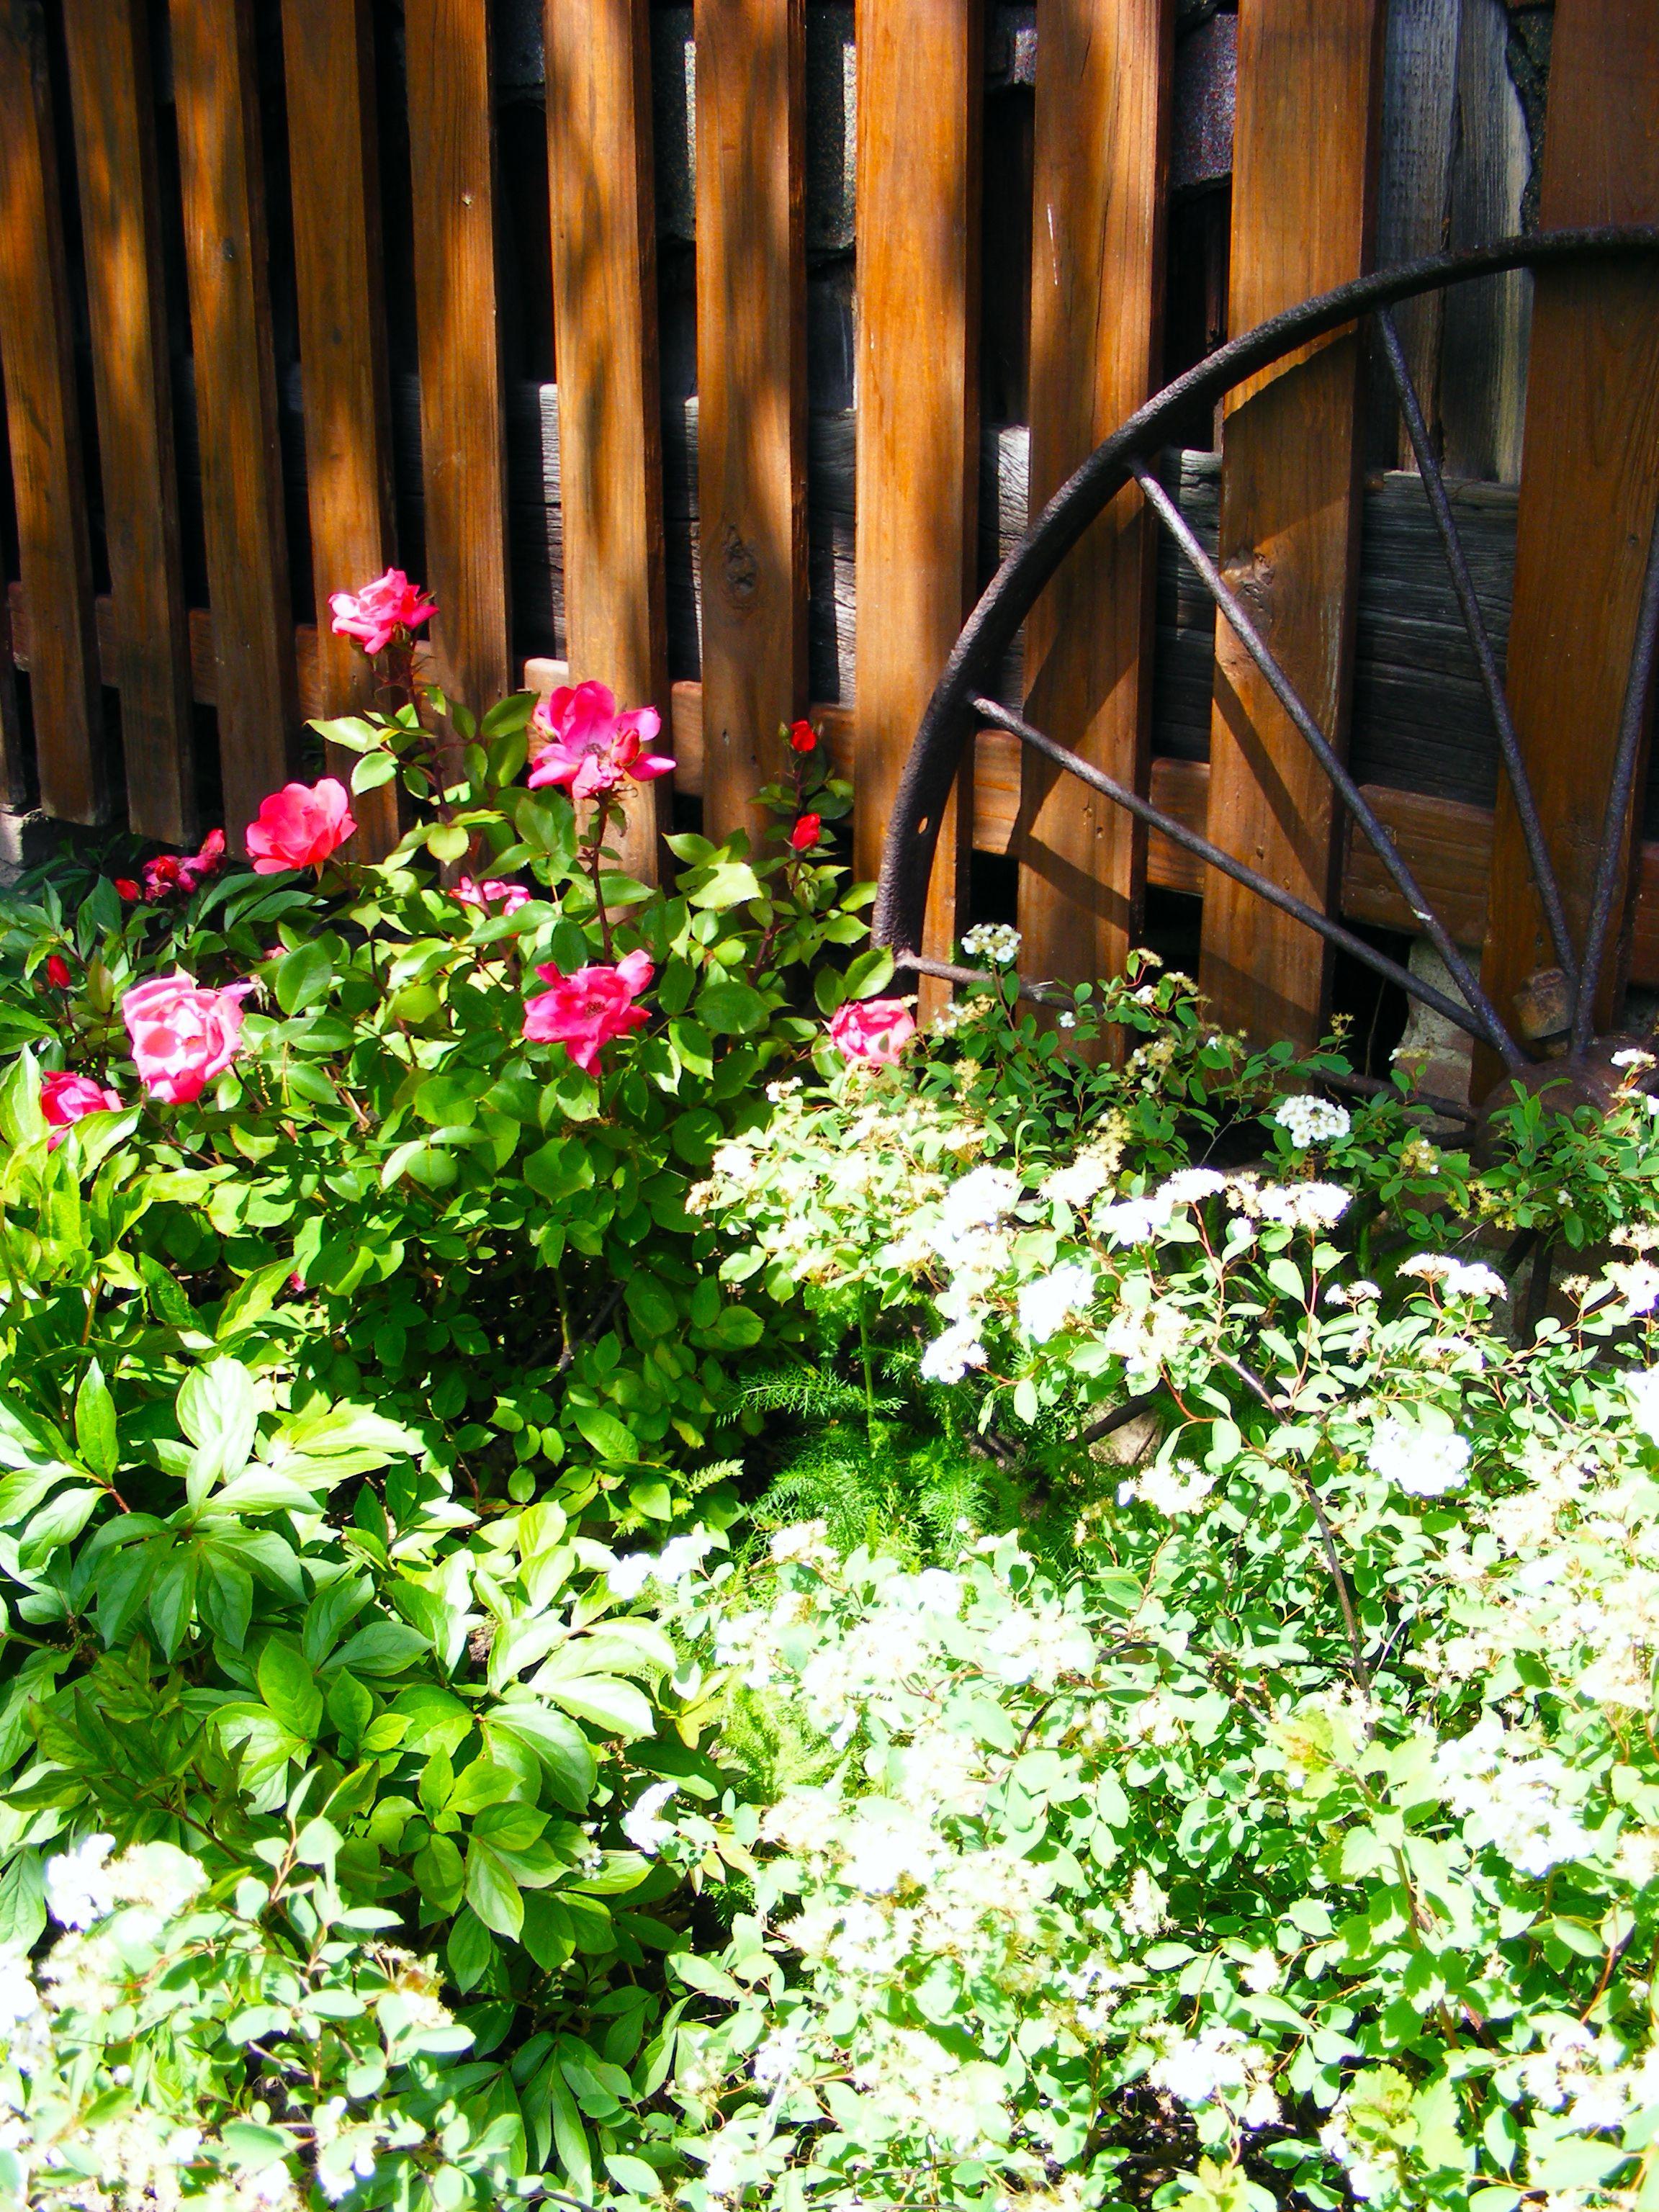 Wagon Wheel Garden Vintage Antique Flower Bed Summer Spring   4Rustic Garden    Pinterest   Wagon Wheel Garden, Wagon Wheels And Gardens